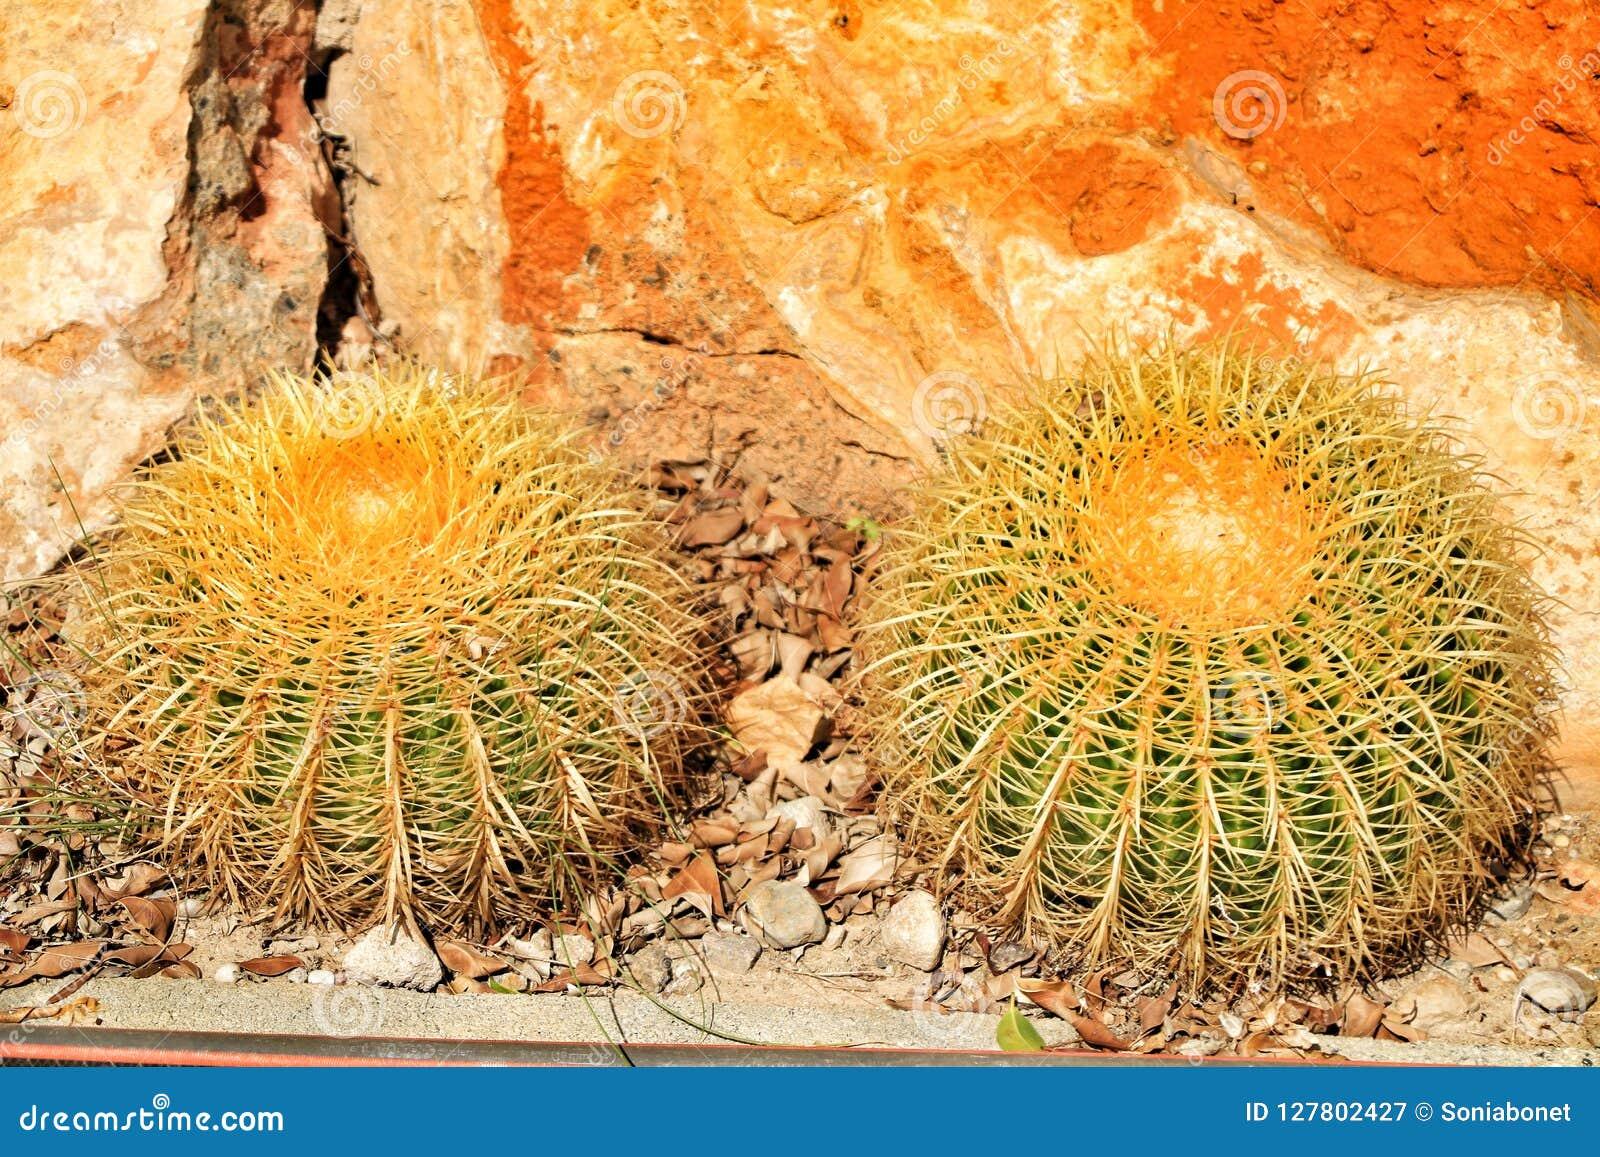 Echinocactus grusonii texture in the garden